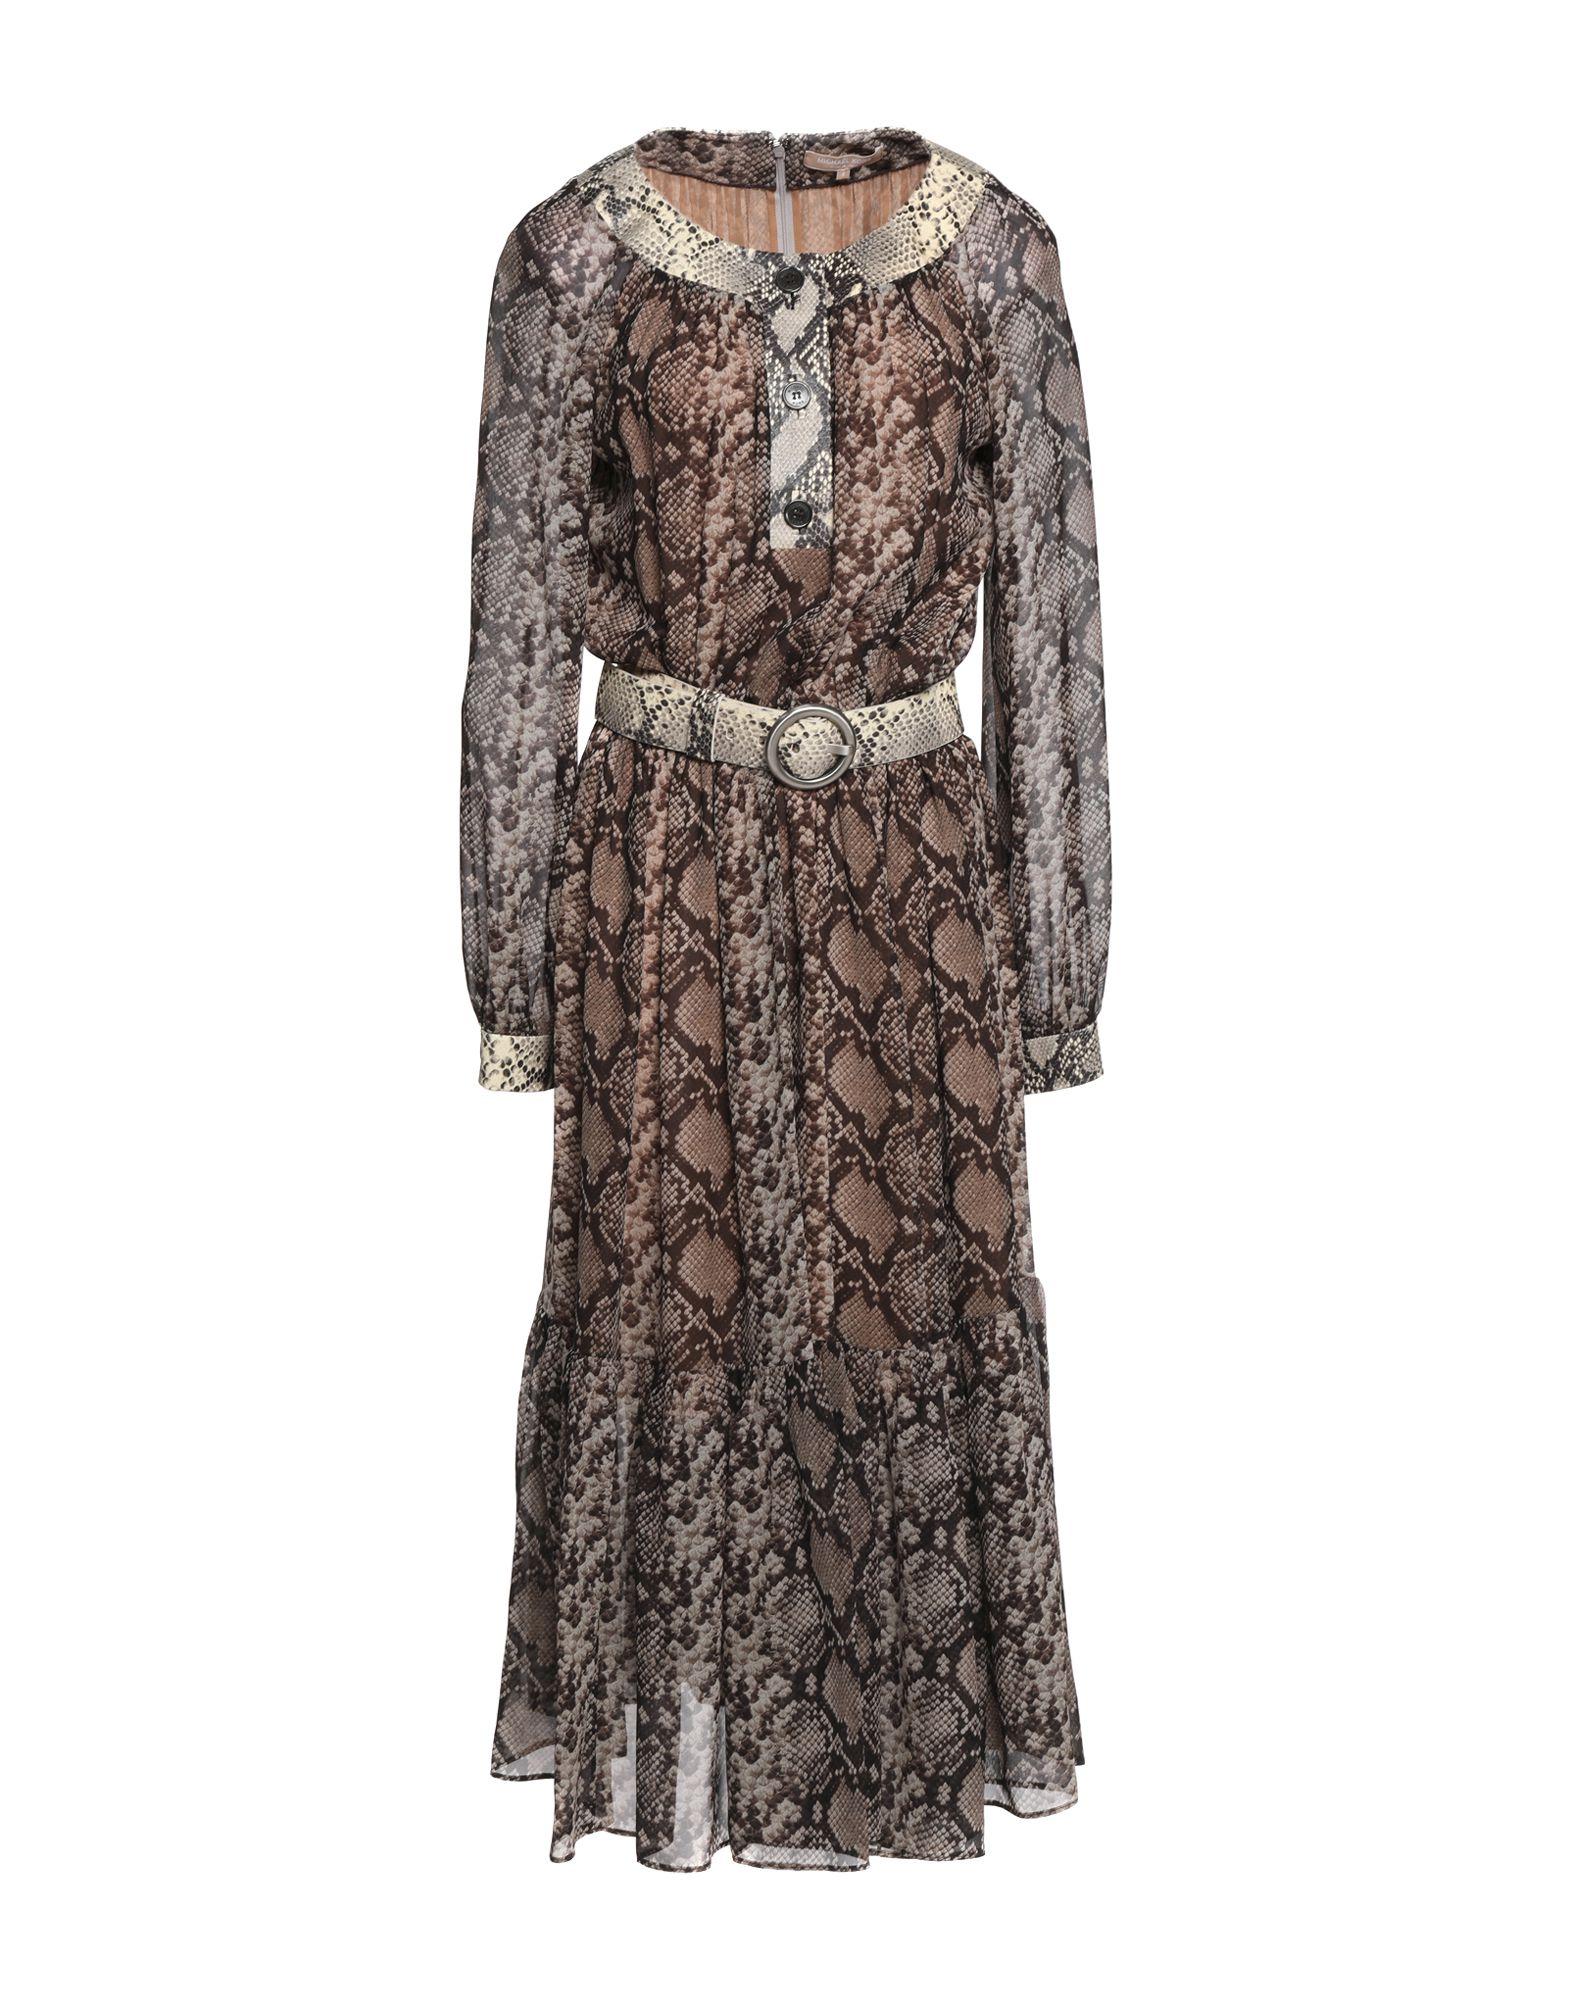 MICHAEL KORS Платье длиной 3/4 lisa corti платье длиной 3 4